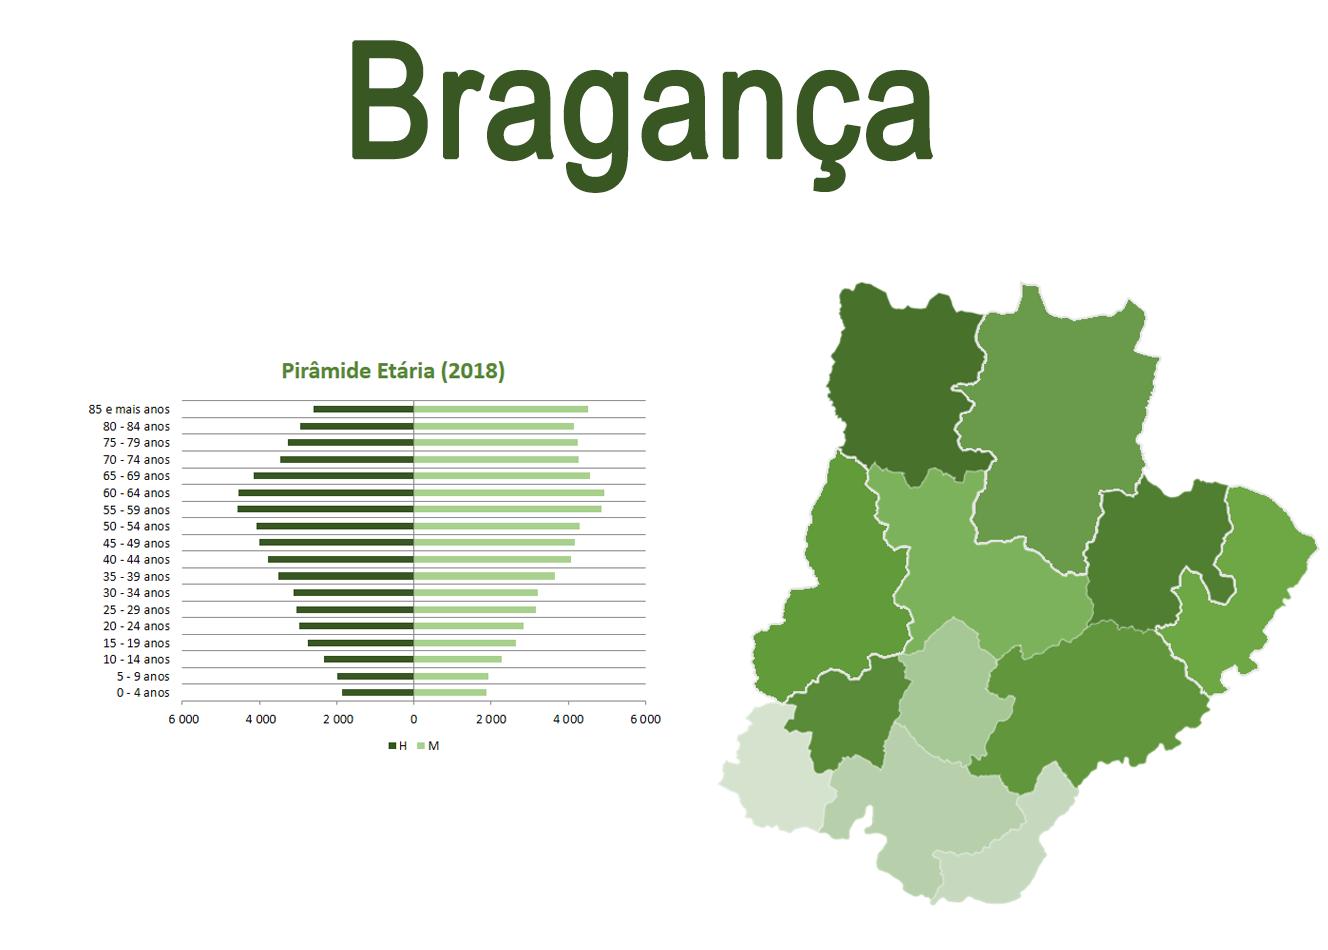 Mapa e Pirâmide etária para o distrito de Bragança